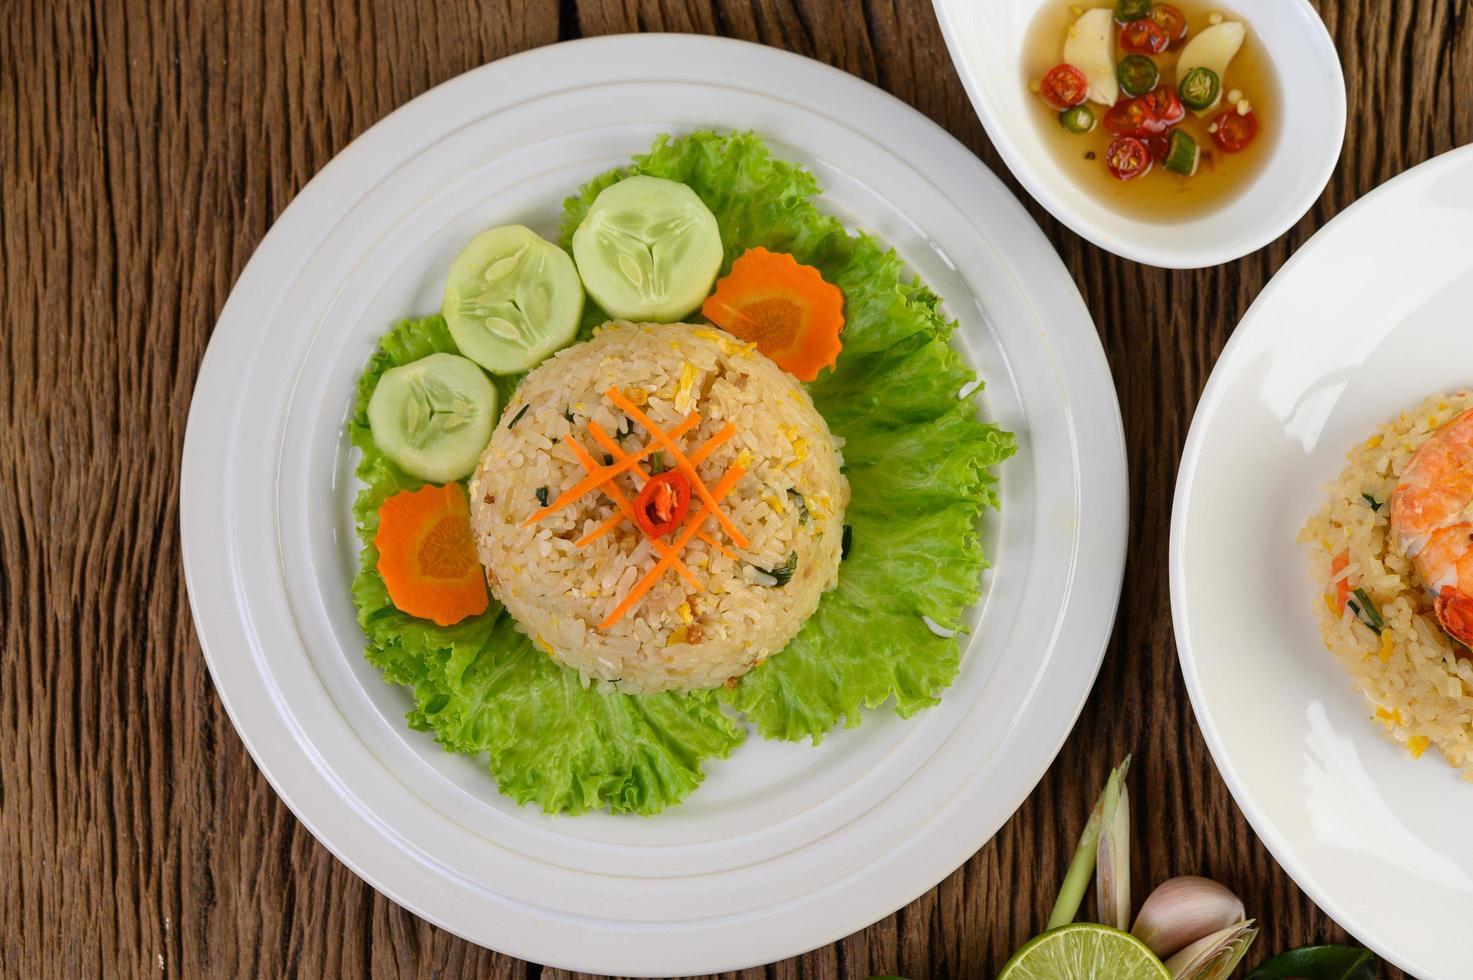 arroz frito em um prato branco com alface e enfeite foto